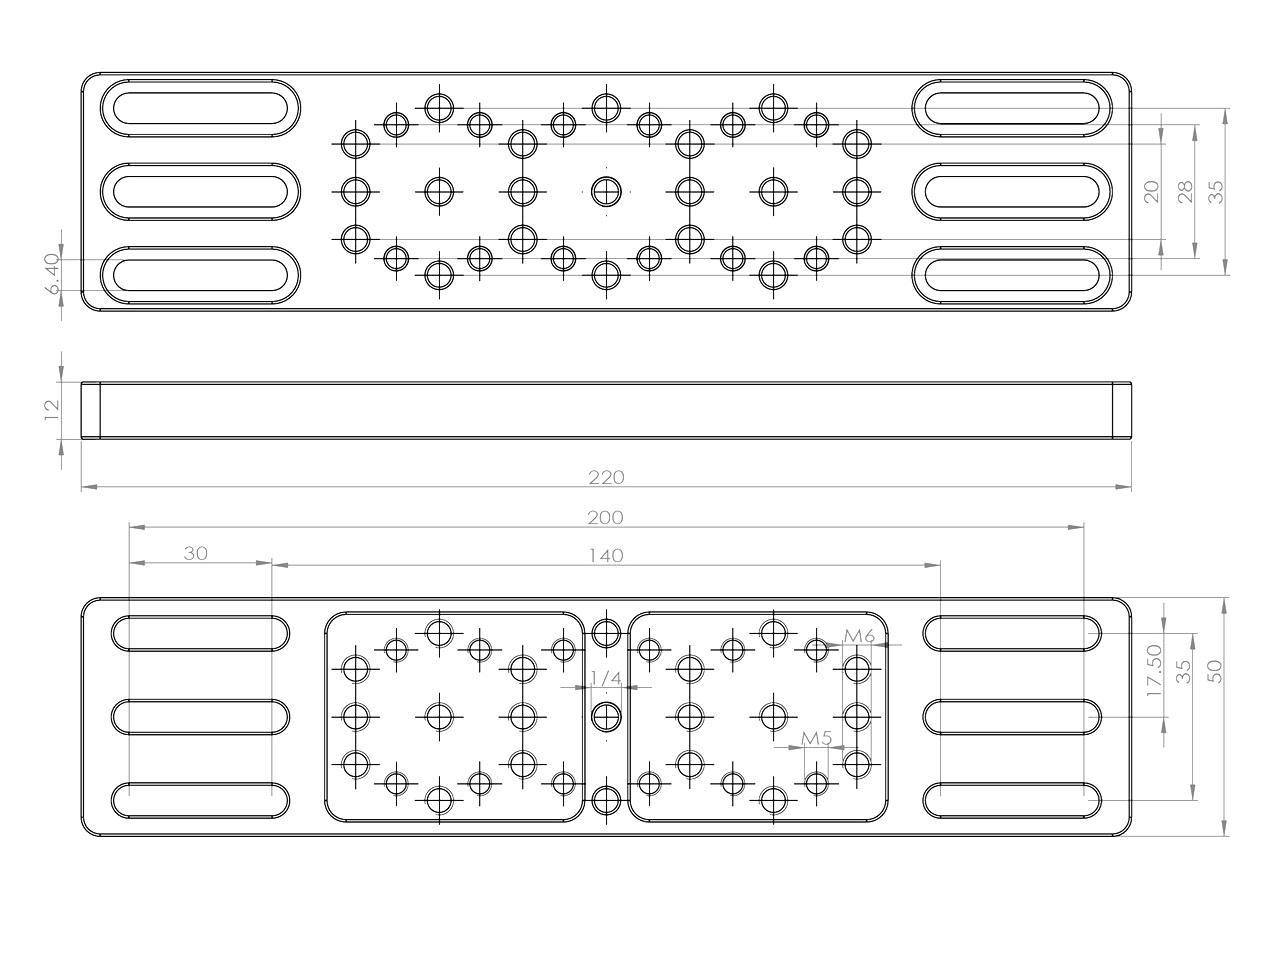 AU016-220mmアクセサリープレート トッププレート クリックポスト送料一律200円